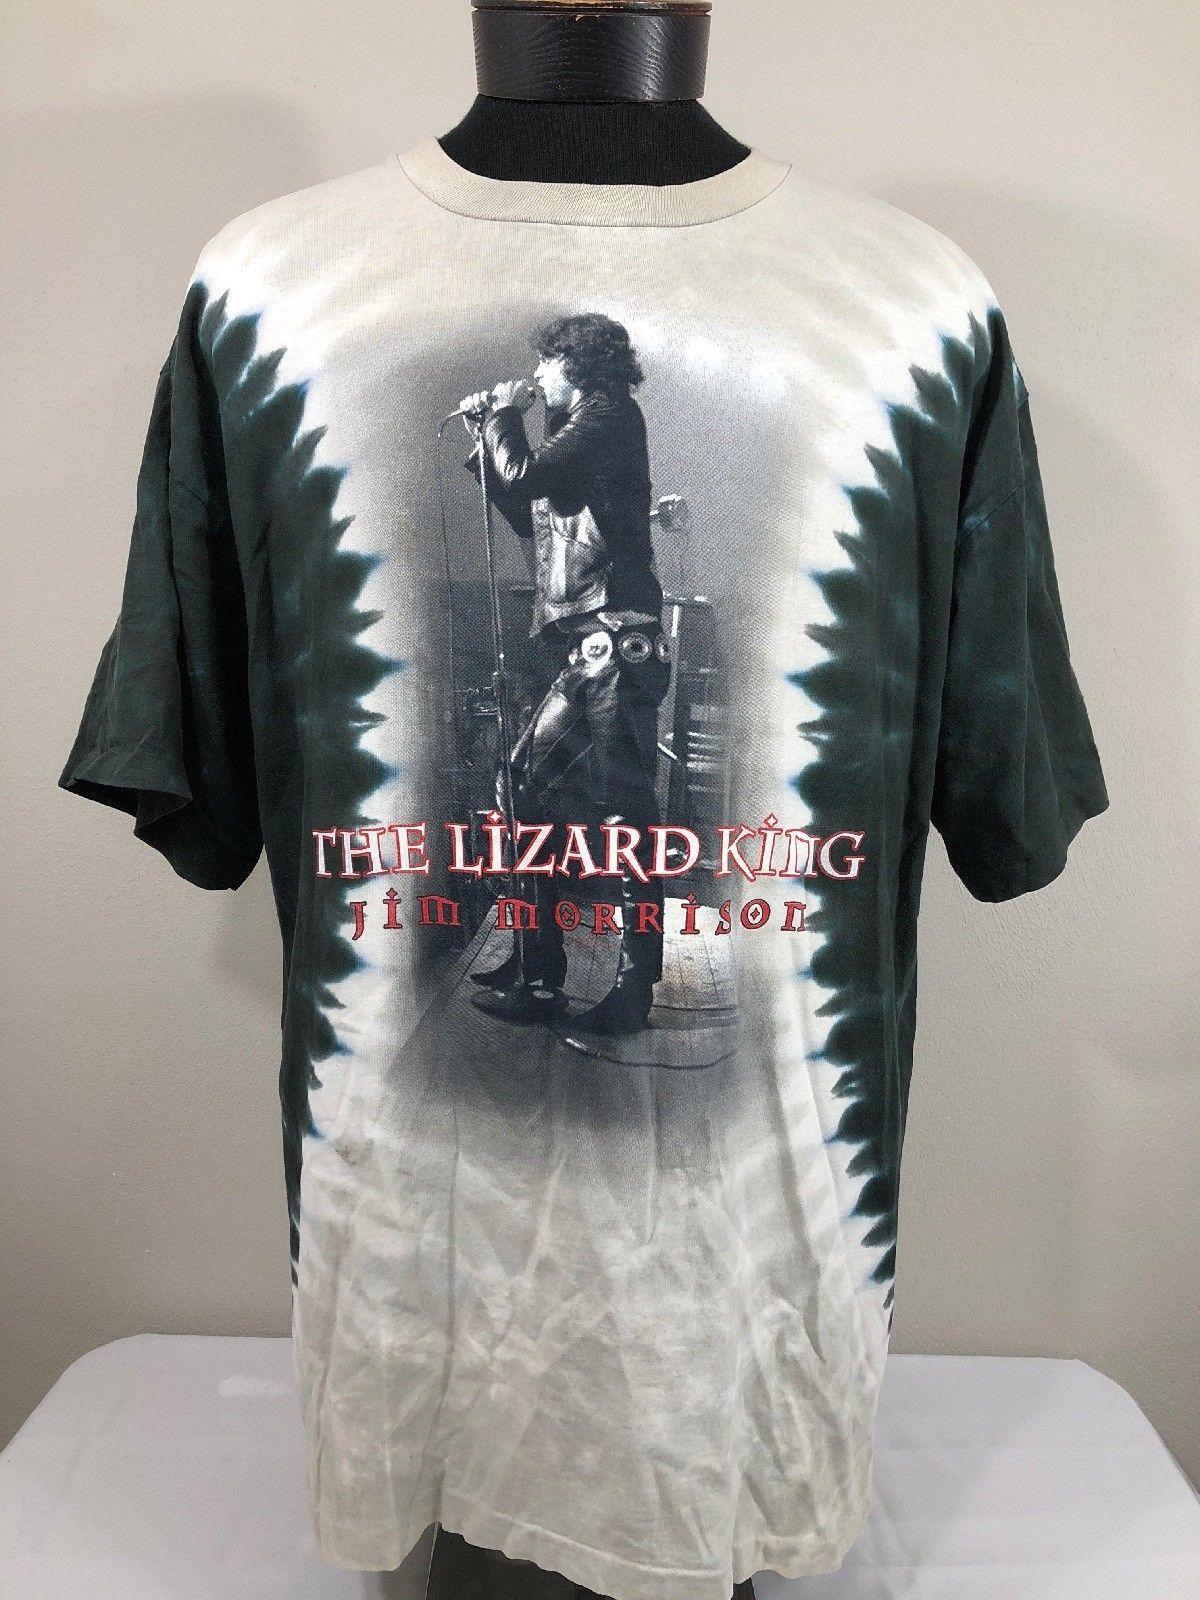 036f146fa1c0e9 VTG Jim Morrison T Shirt Lizard King Liquid and 50 similar items